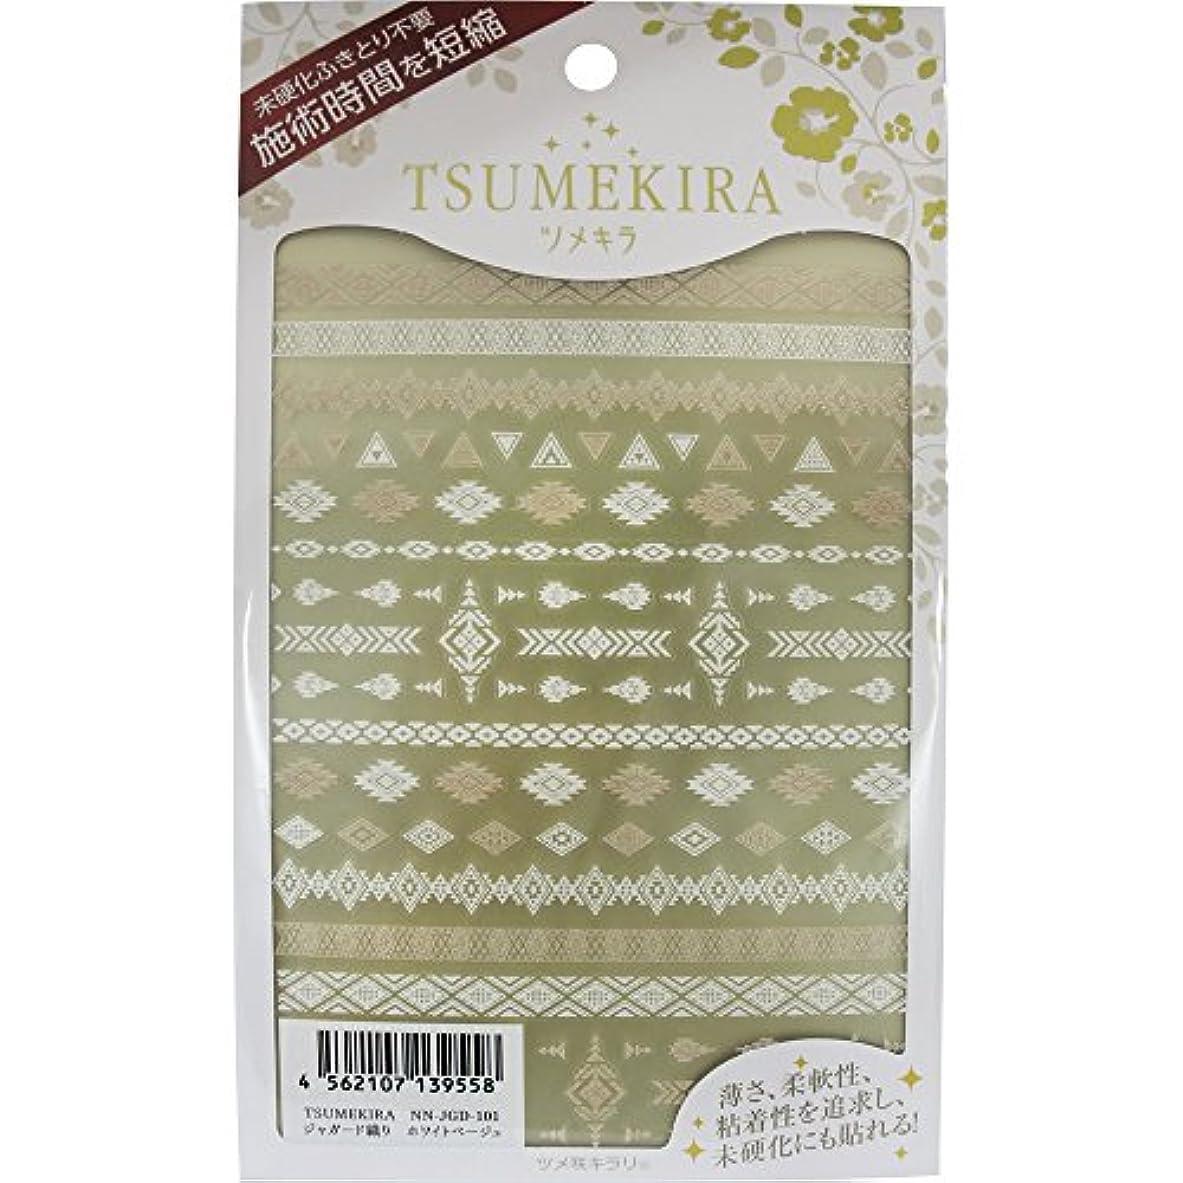 サイクロプスパイル害虫ツメキラ(TSUMEKIRA) ネイル用シール ジャガード織り ホワイトベージュ NN-JGD-101